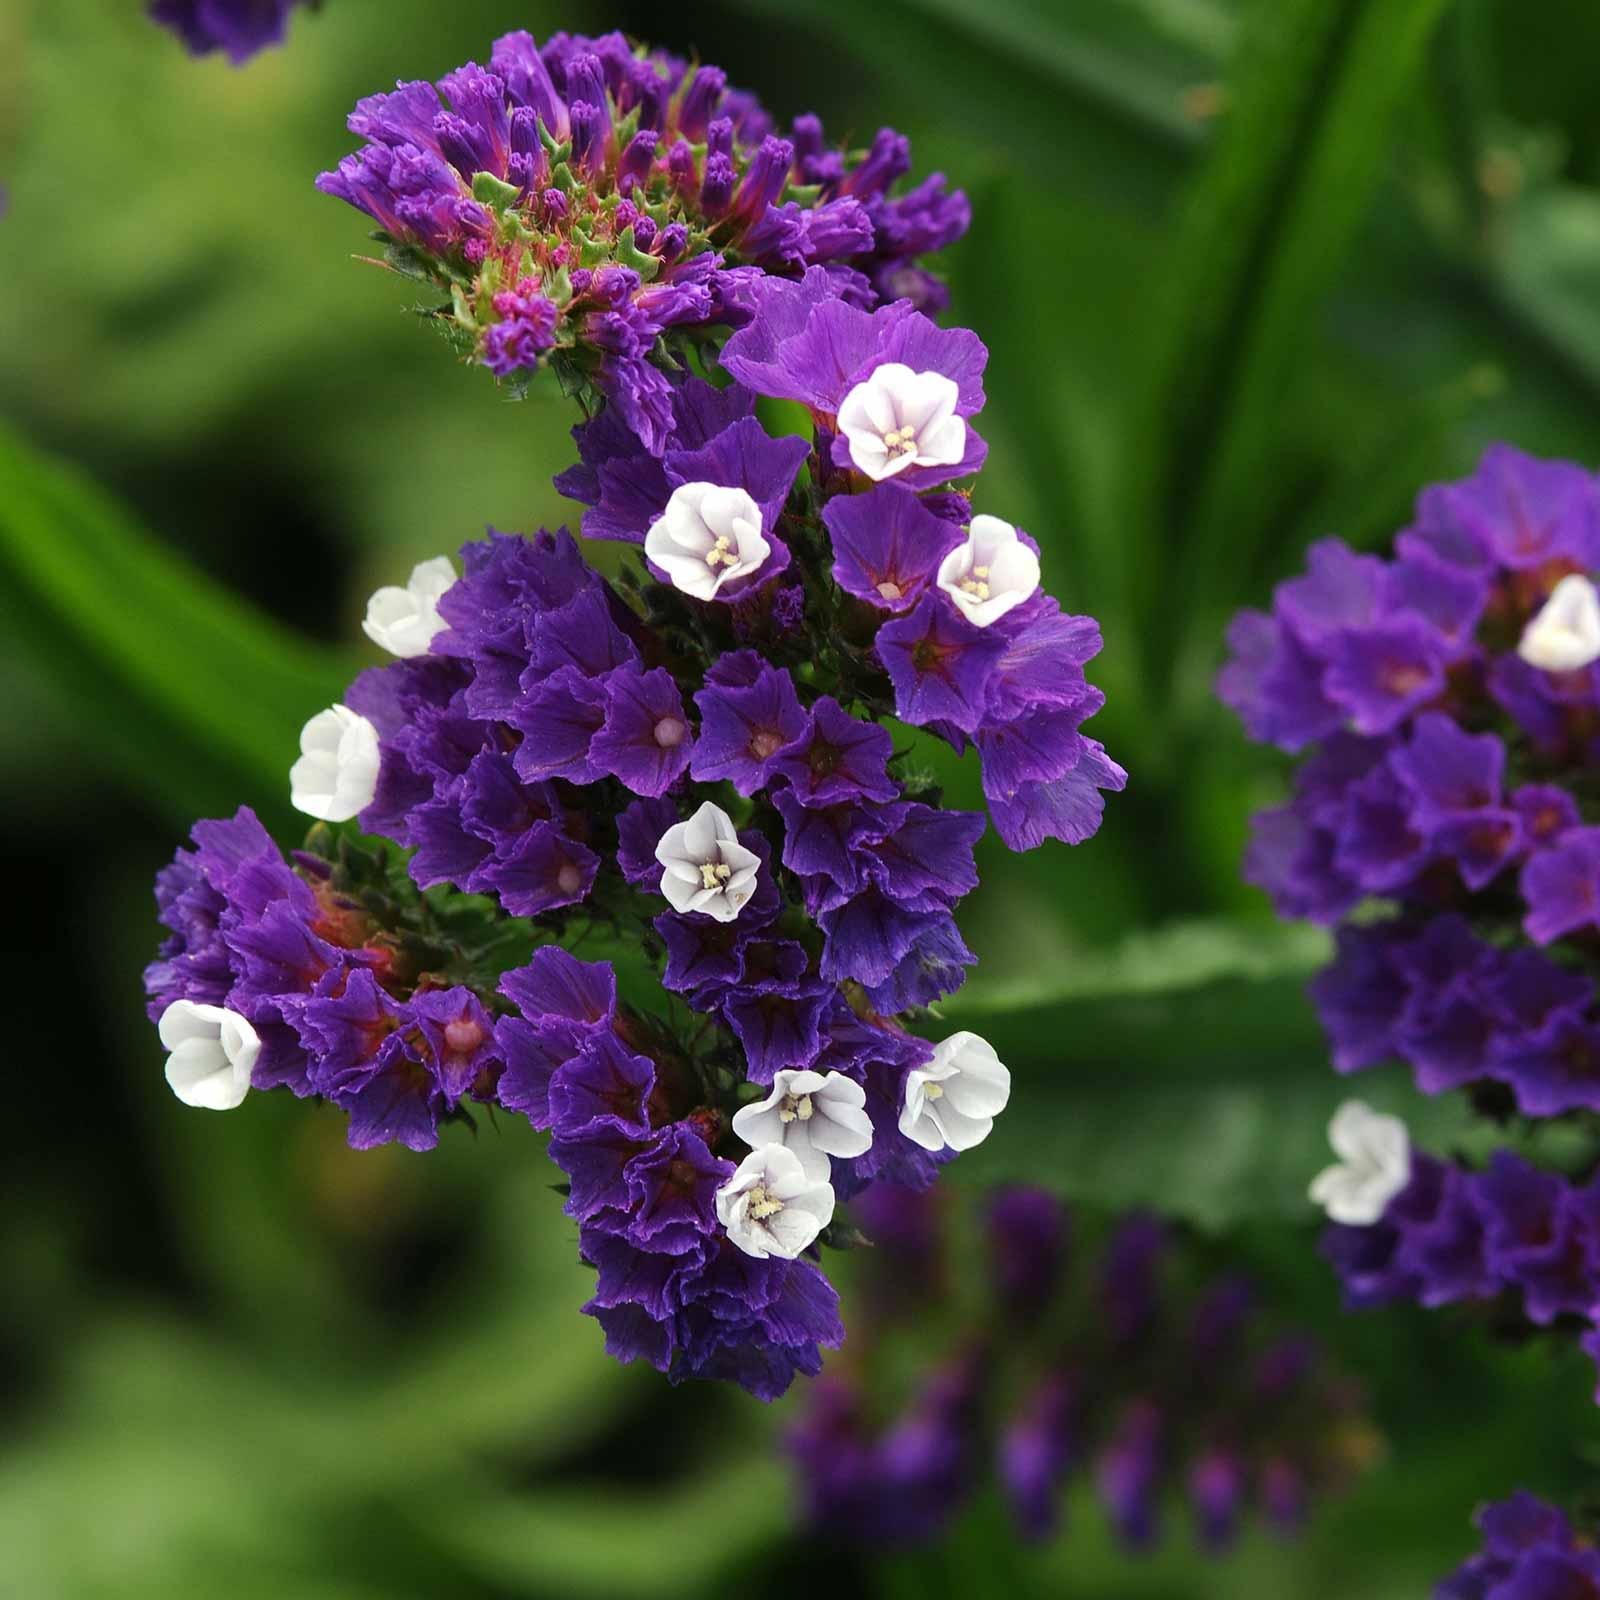 Flower Cool Wave Violet Wing F1-200 Seeds Bulk Pansy